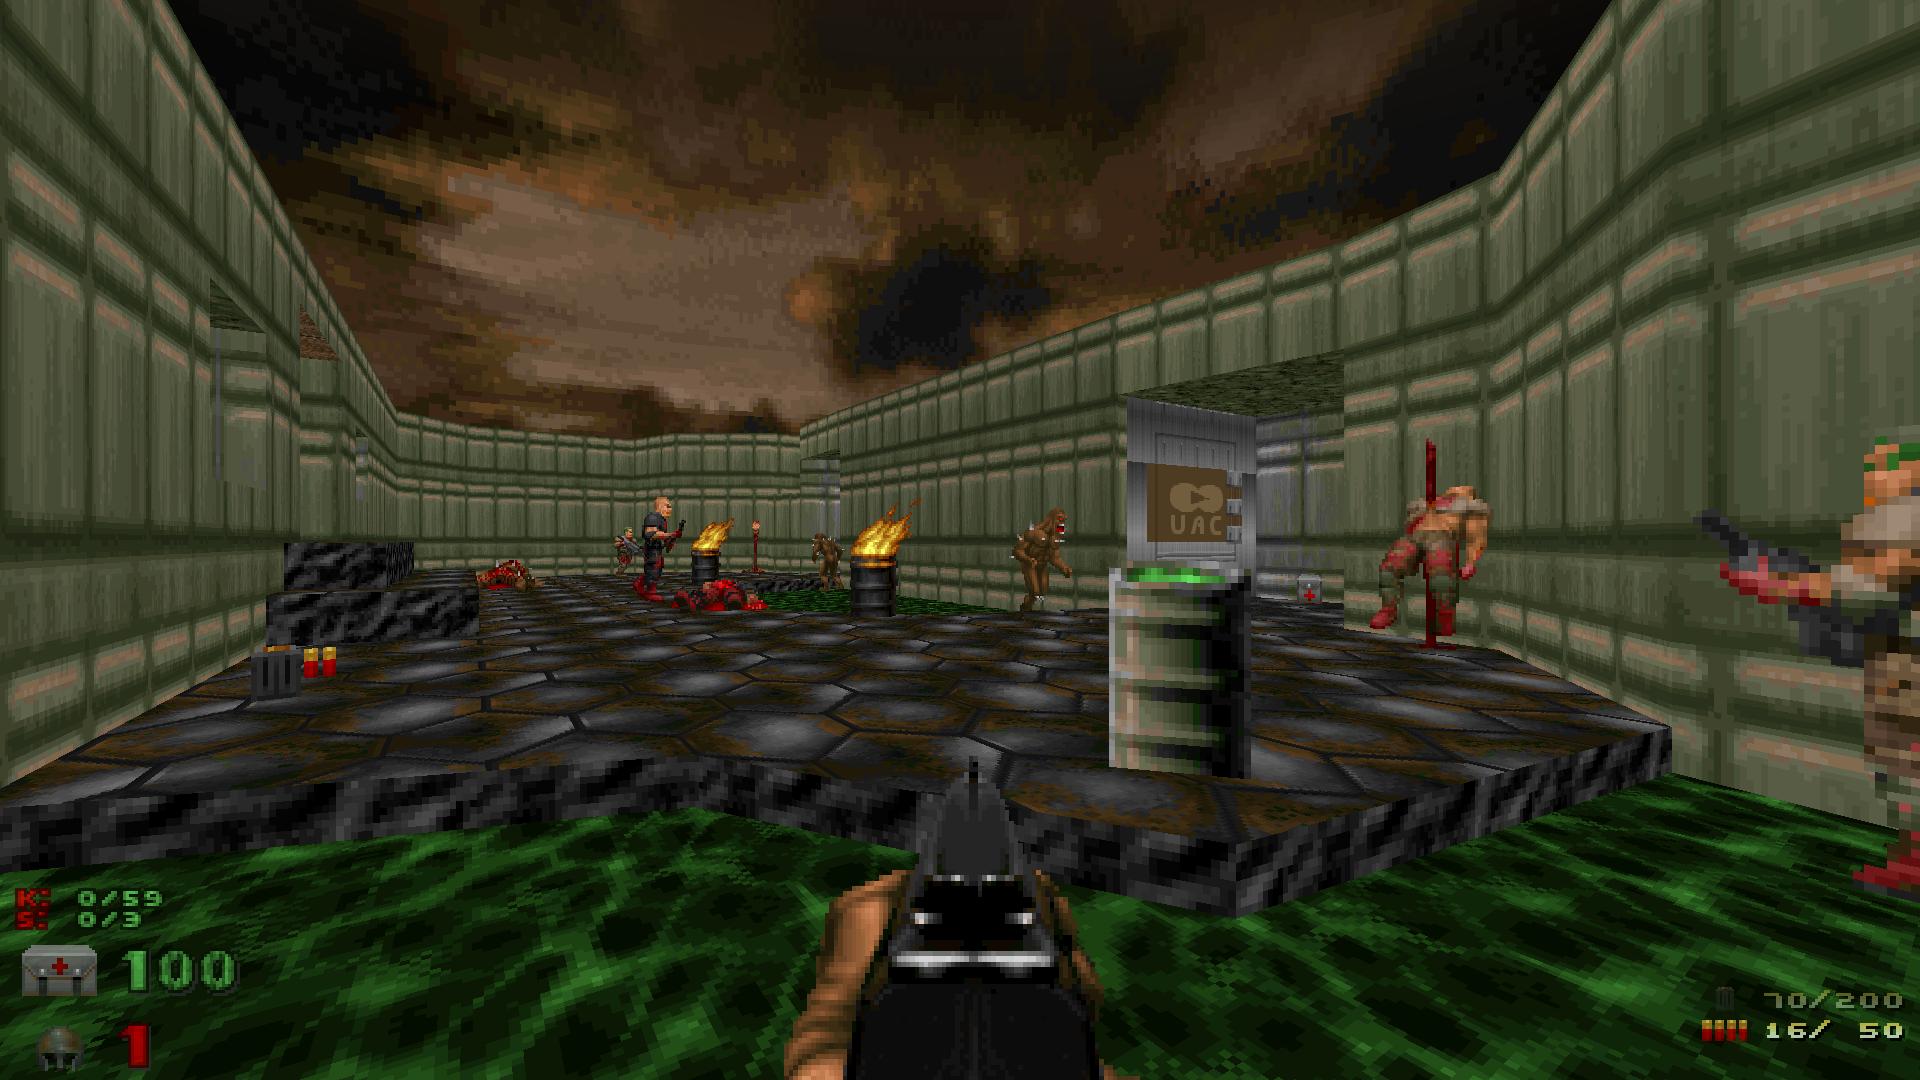 Screenshot_Doom_20200619_134107.png